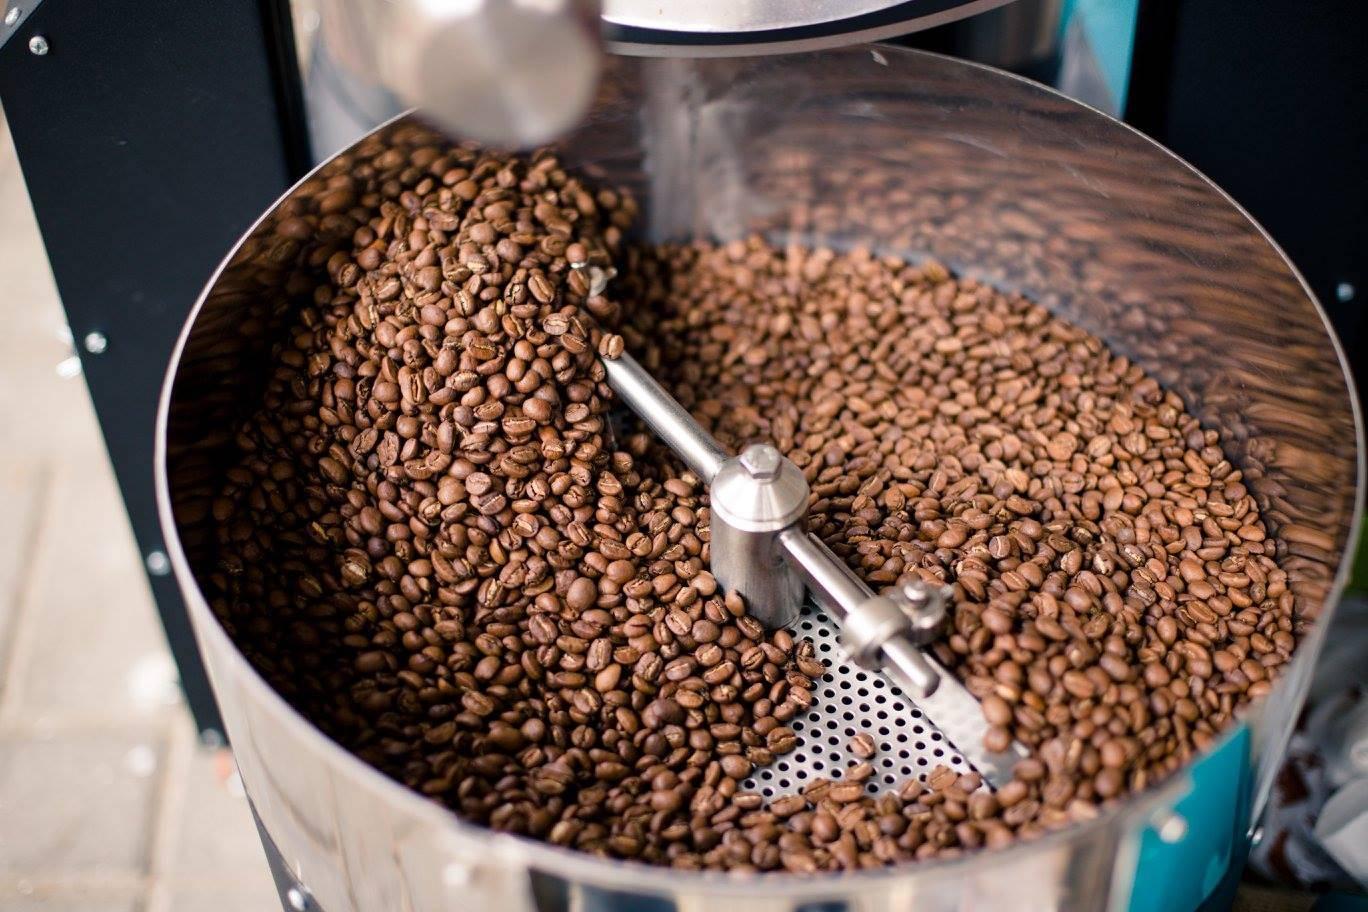 Способы обработки кофе: сухой, мытый (влажный), полувлажный